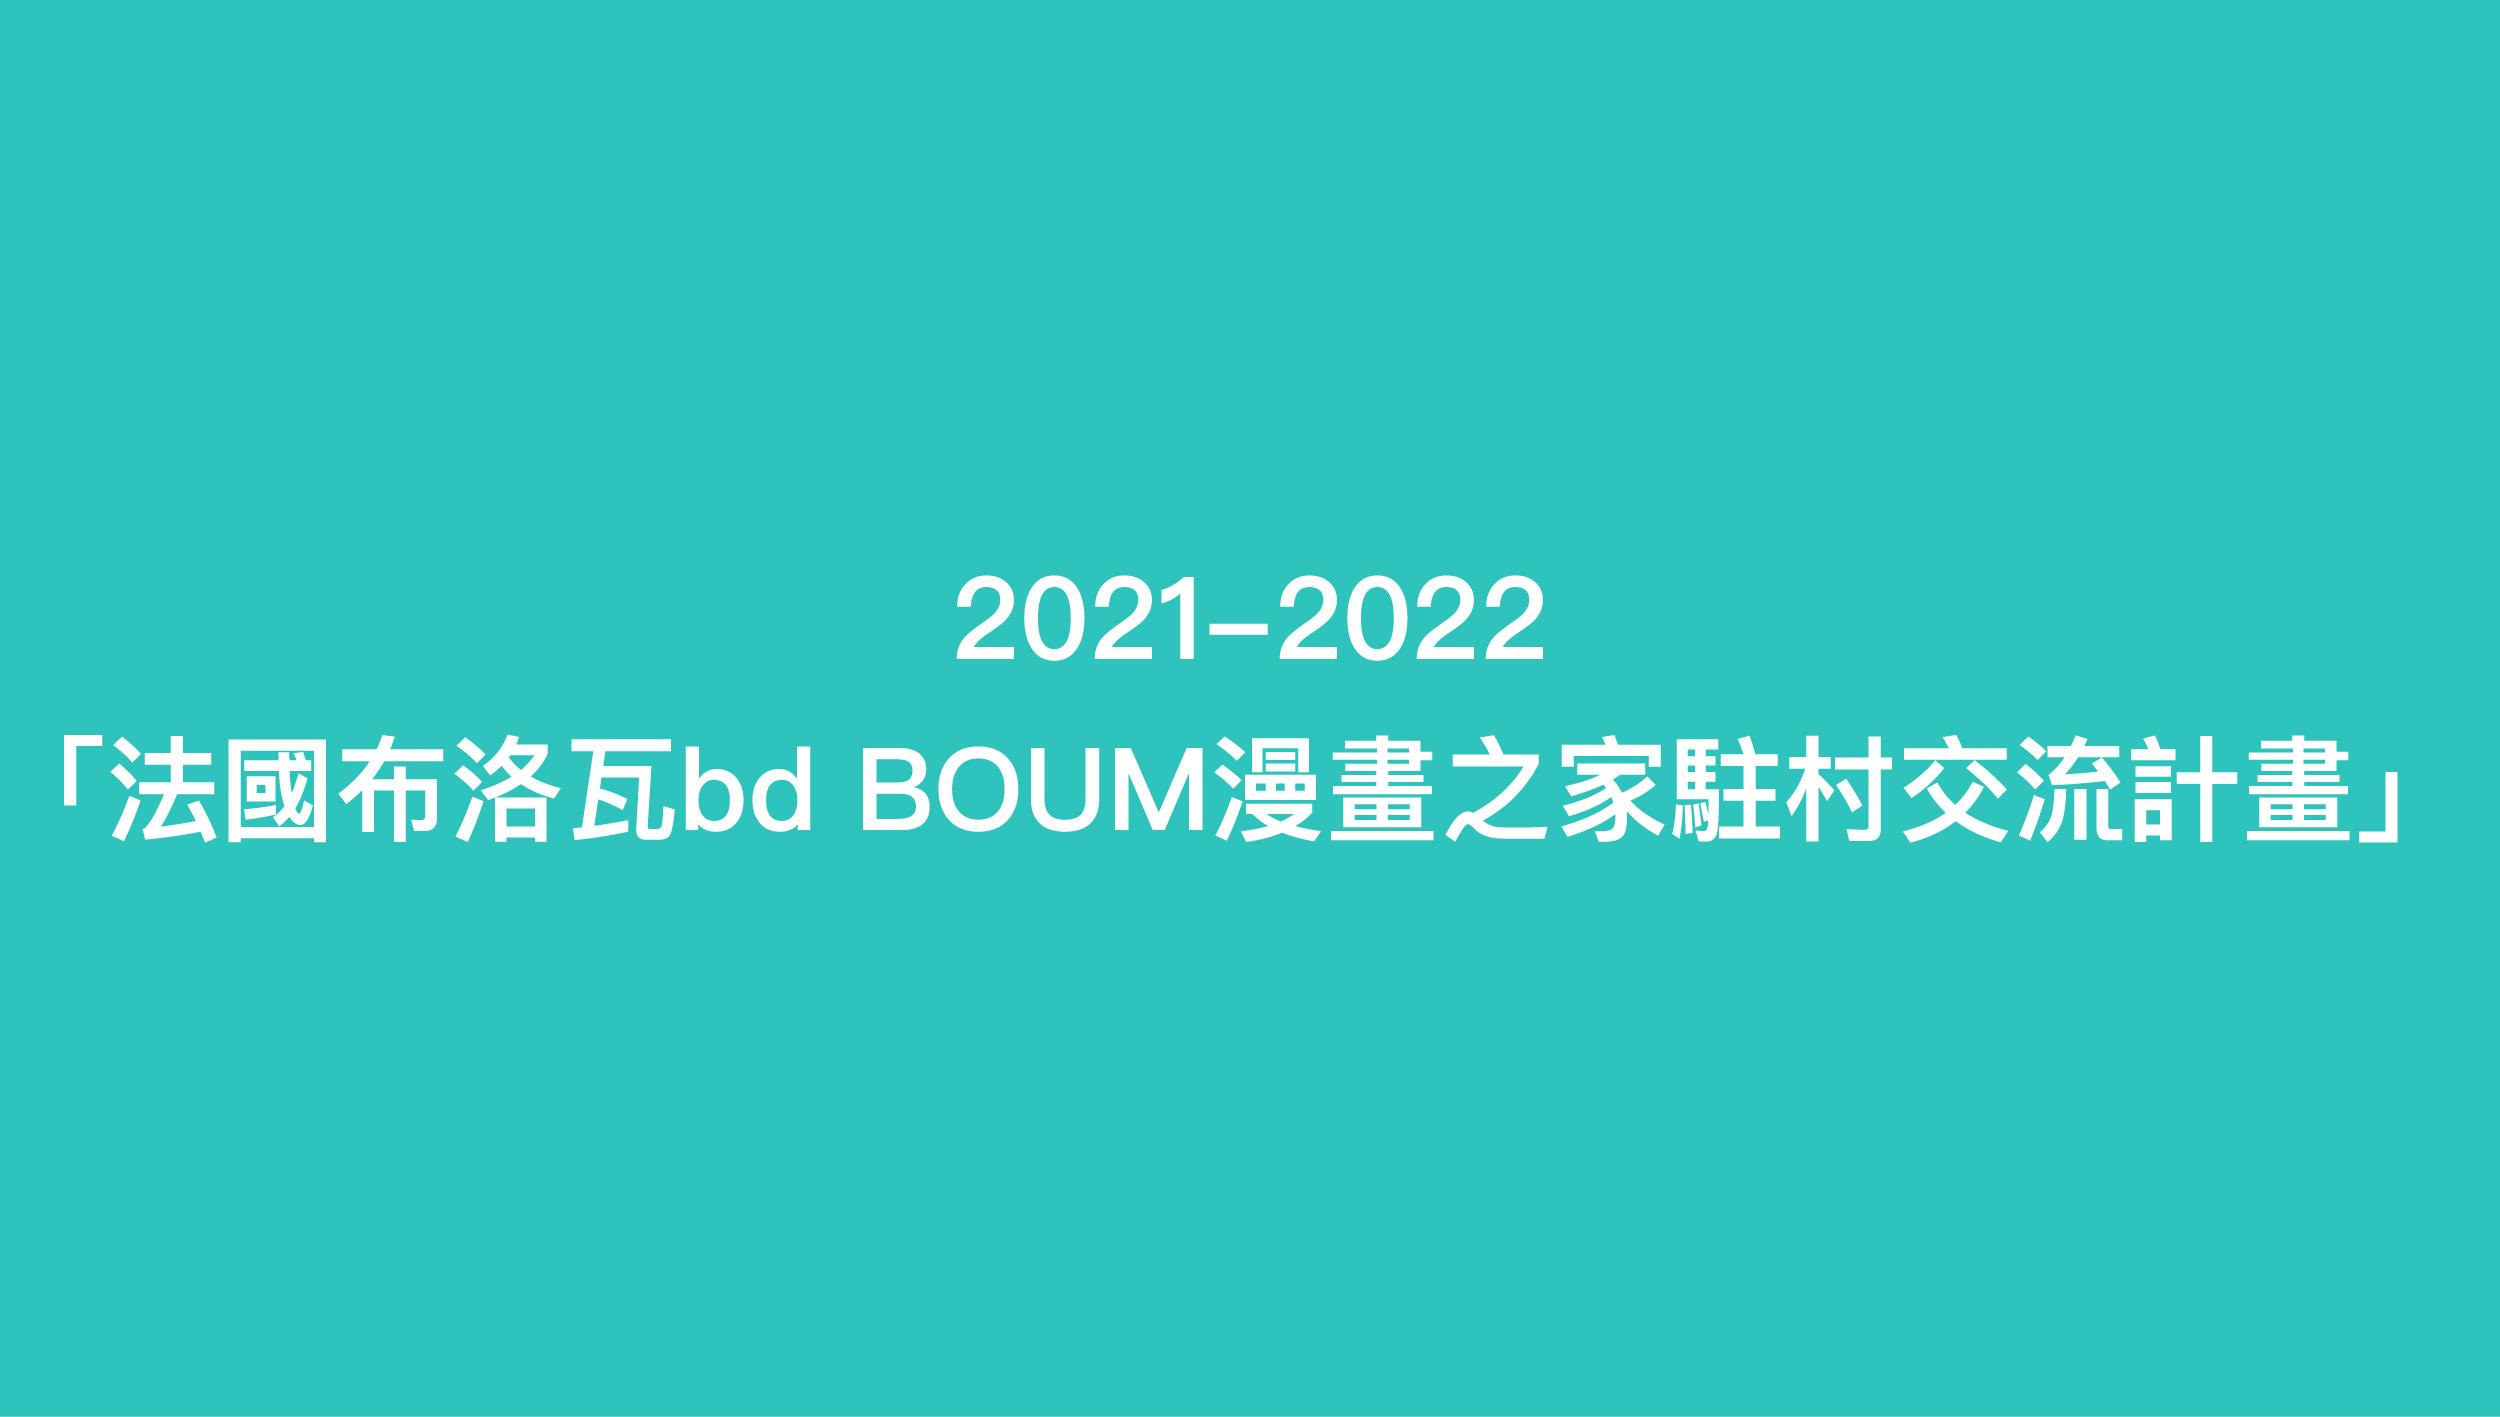 2021-2022 「法國布洛瓦bd BOUM漫畫之家駐村交流計畫」12月30日截止收件